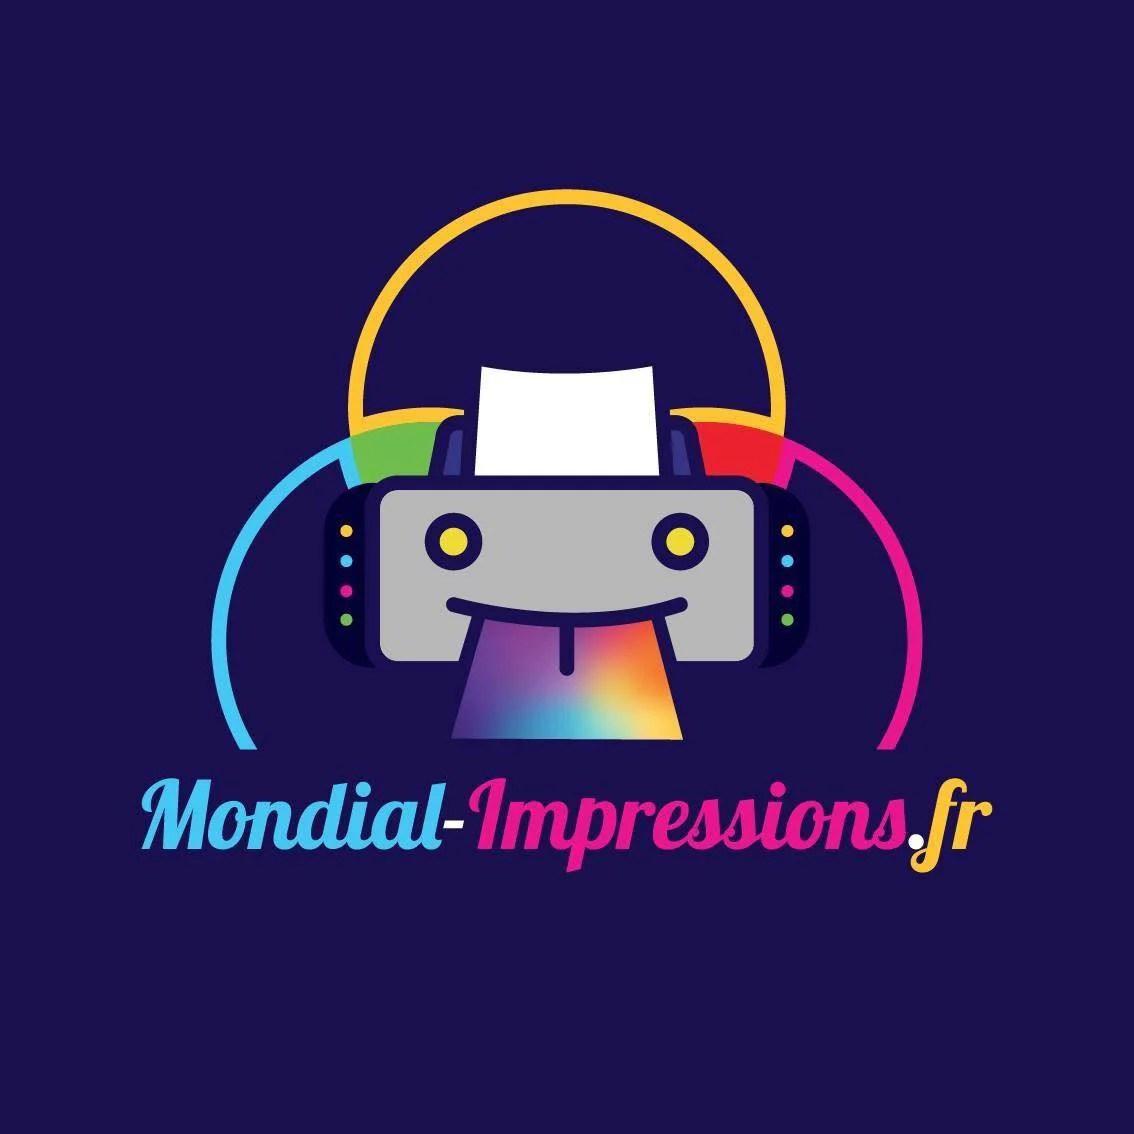 Mondial Impression